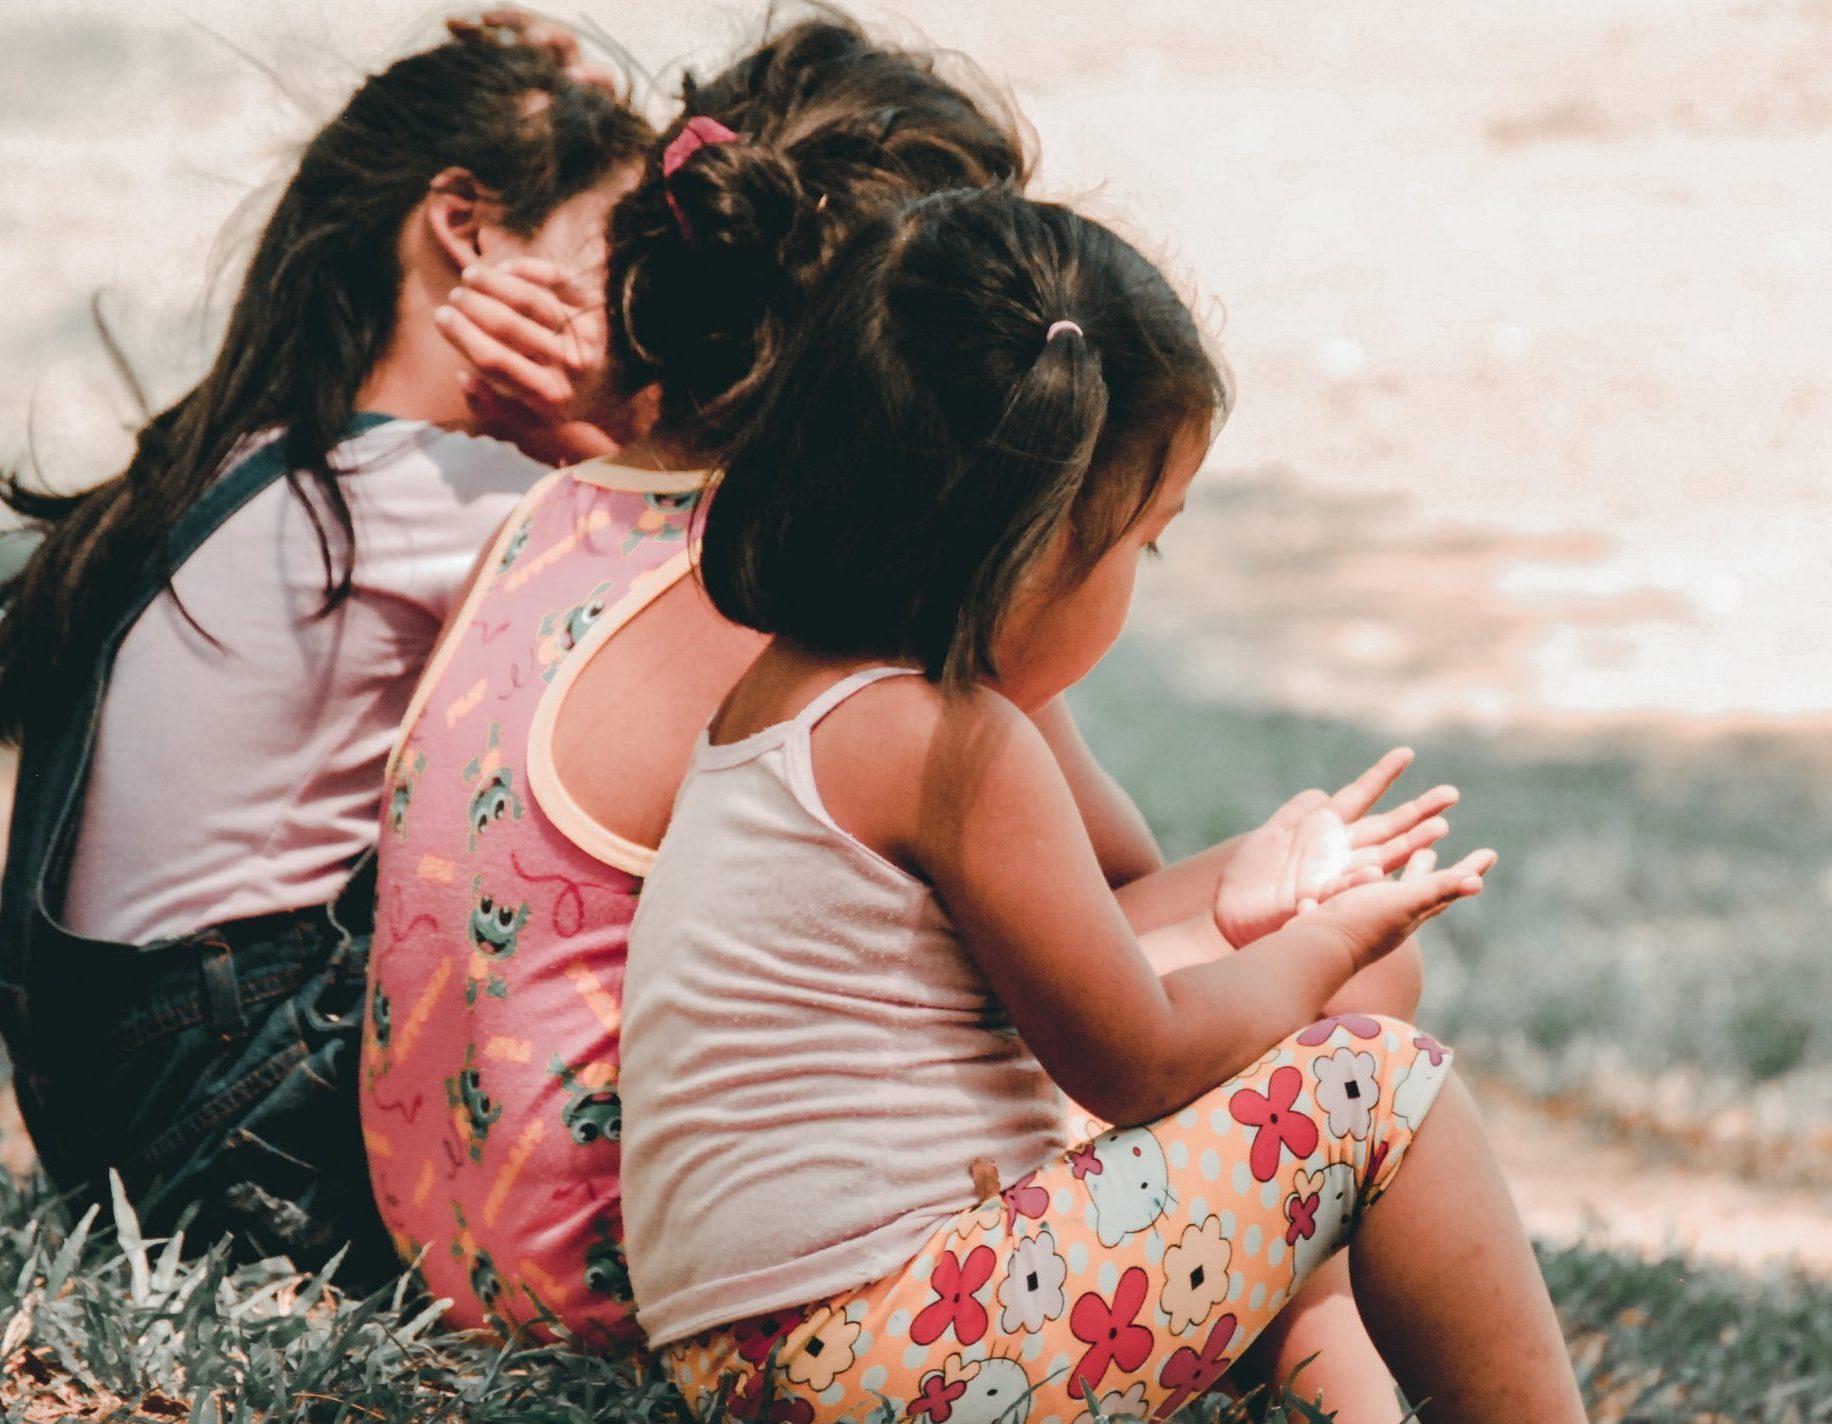 Výživné pro nezletilé děti po rozvodu rodičů